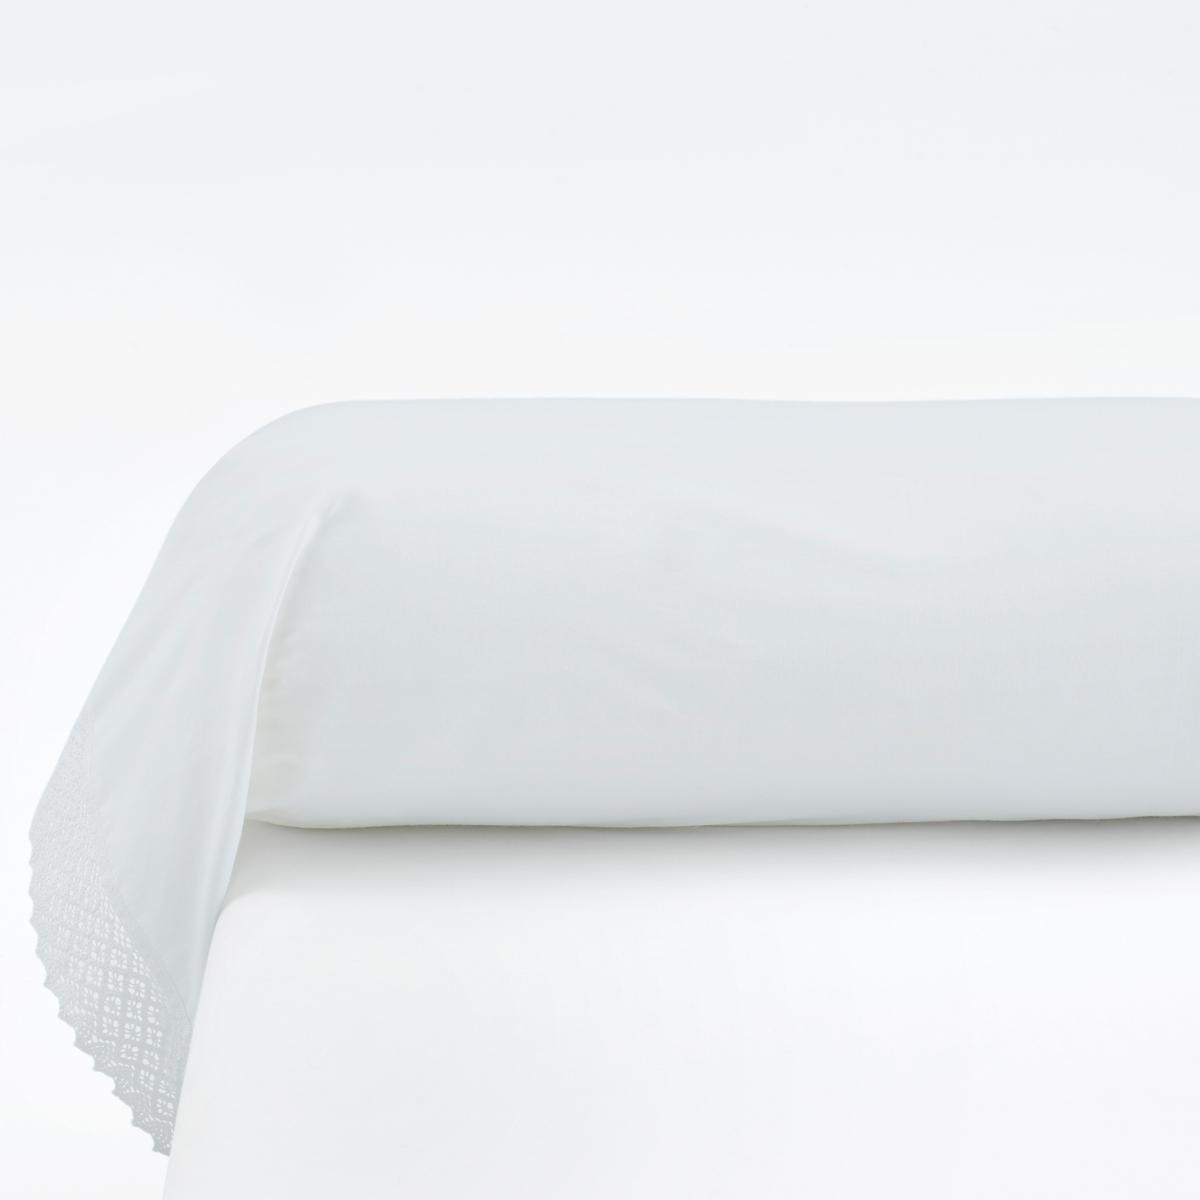 Наволочка на подушку-валик, DentelleХарактеристики наволочки на подушку-валик, Dentelle  :- Кружево по краям - 100% хлопок (52 нити/см?) . Чем плотнее переплетение нитей/см?, тем выше качество материала.- Стирка при 60°.Знак Oeko-Tex® гарантирует отсутствие вредных для здоровья человека веществ в протестированных и сертифицированных изделиях.Размеры :85 x 185 см : Наволочка на подушку-валик Найдите комплект постельного белья DENTELLE<br><br>Цвет: белый